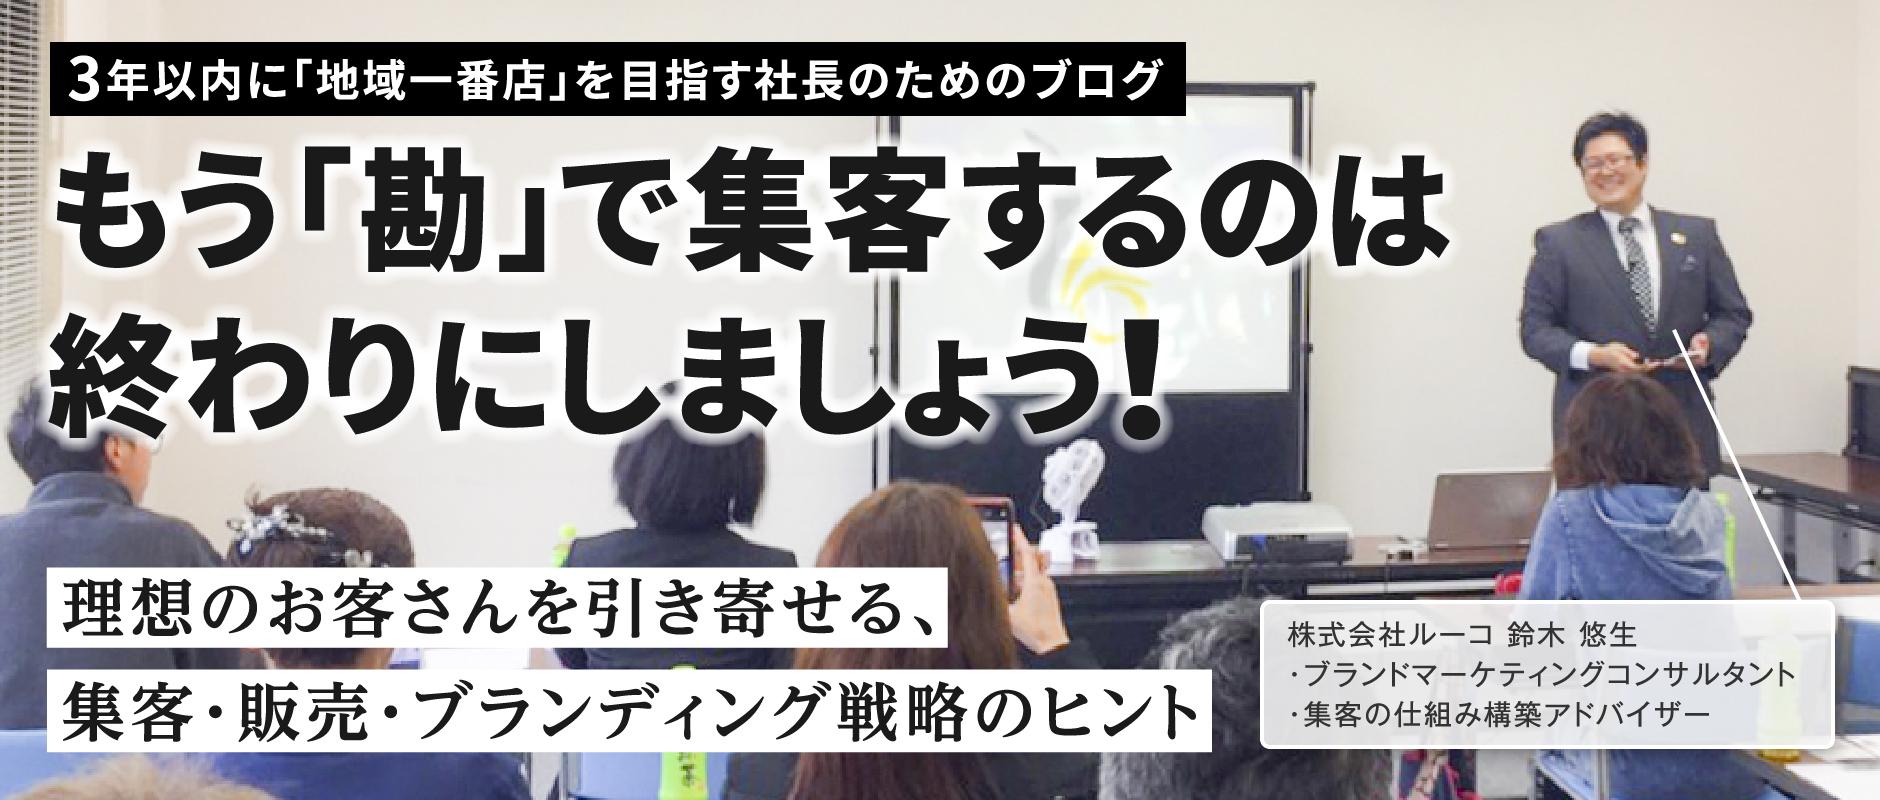 愛知県豊田市の集客コンサルタントが、集客・売上アップの「ヒント」を発信中!マーケティング・ブランディング・プロモーションに自信のない中小零細企業の社長さん向けです。